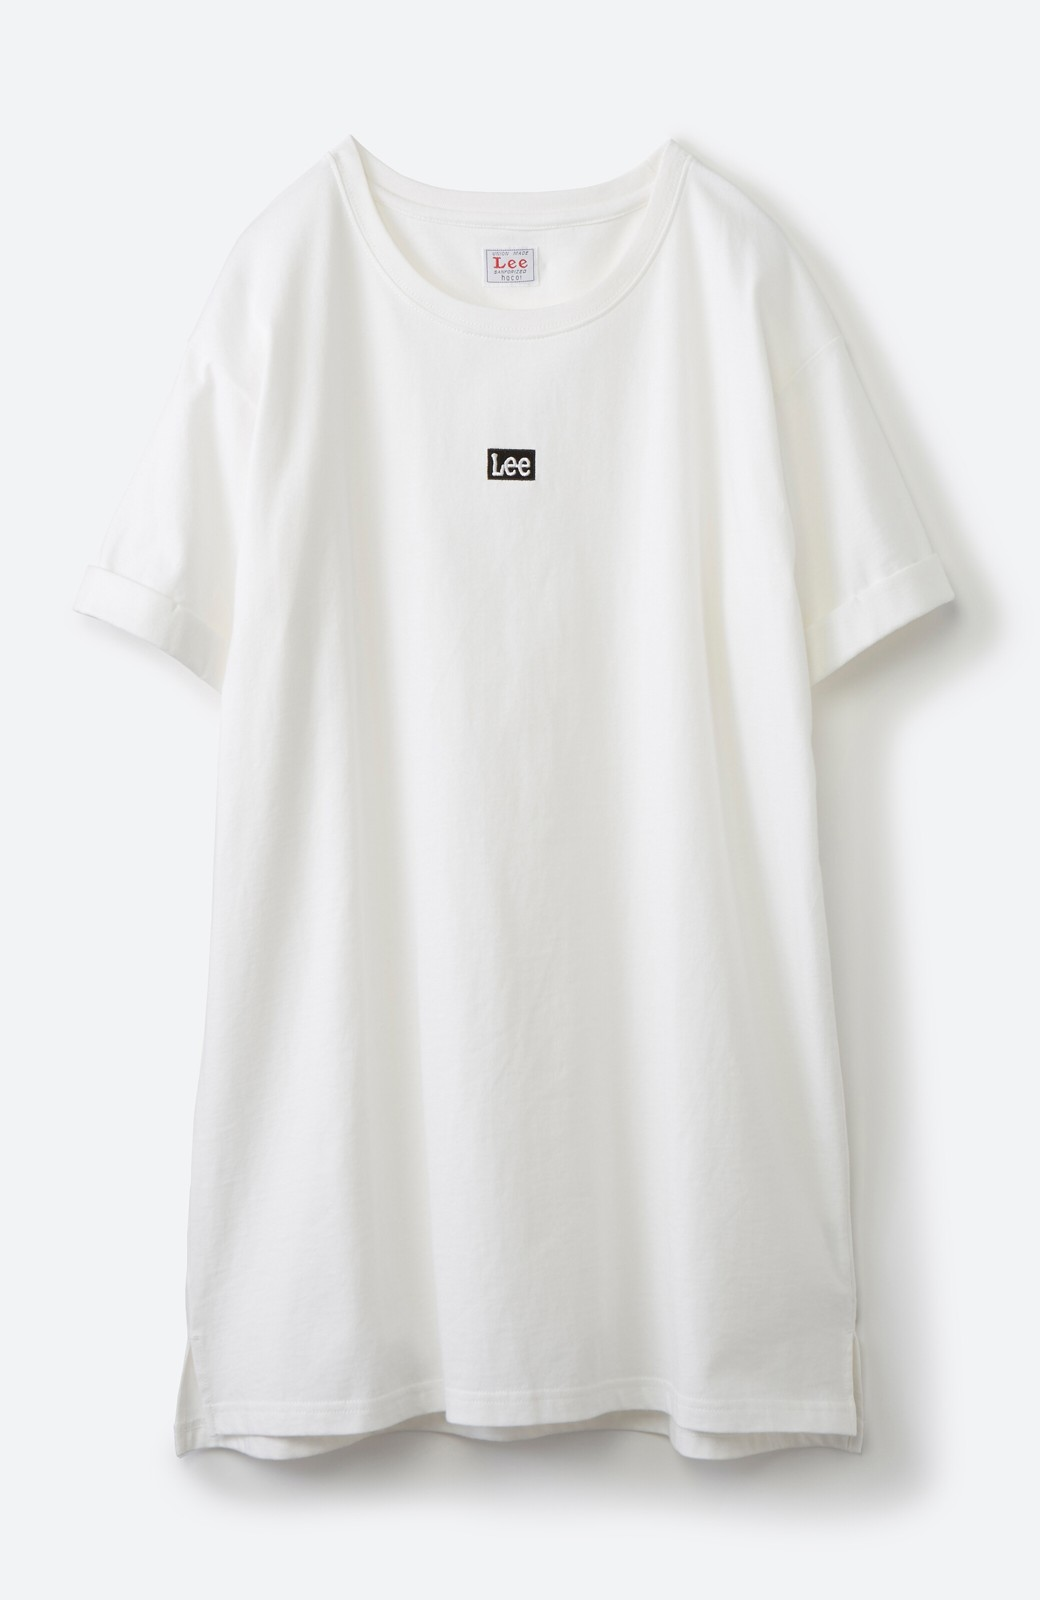 haco! 別注Lee ベルトでウエストマークしてもかわいいチュニックTシャツ <ホワイト>の商品写真17